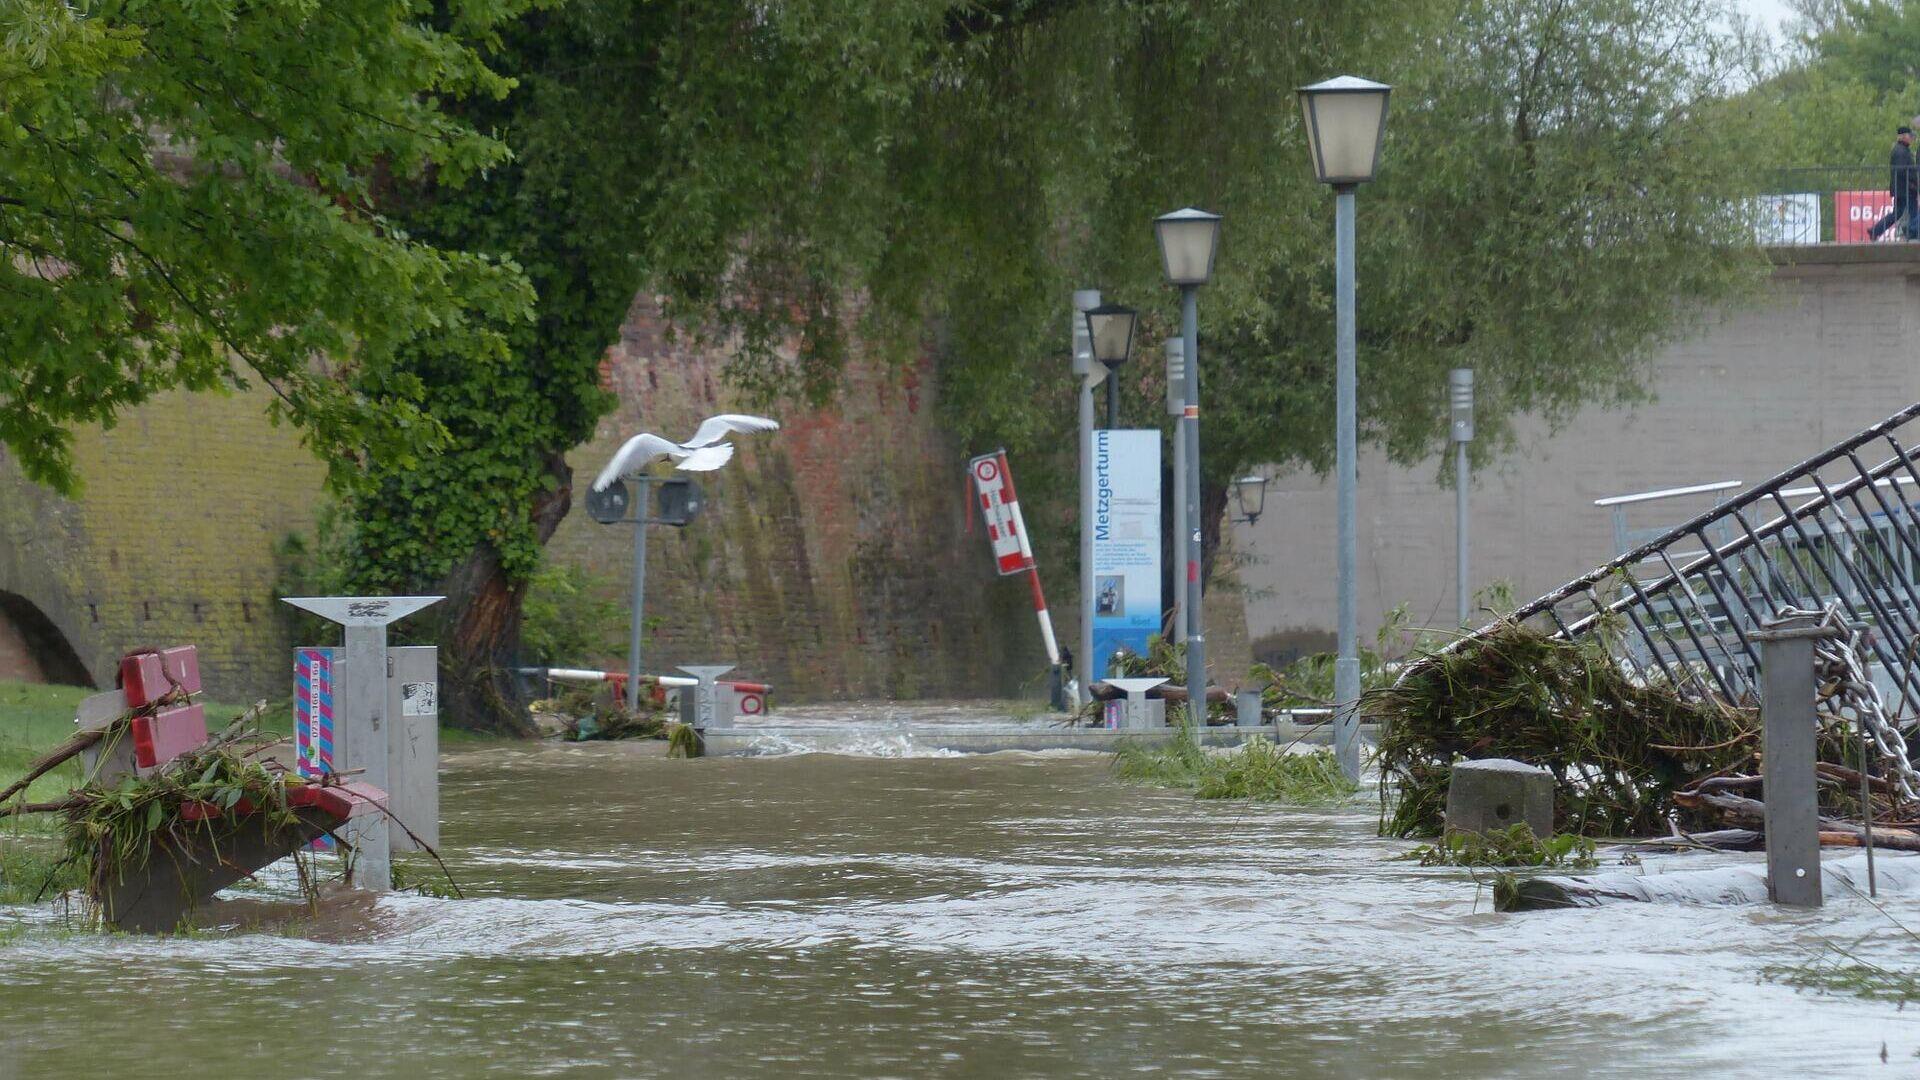 Überschwemmung (Symbolbild) - SNA, 1920, 14.07.2021